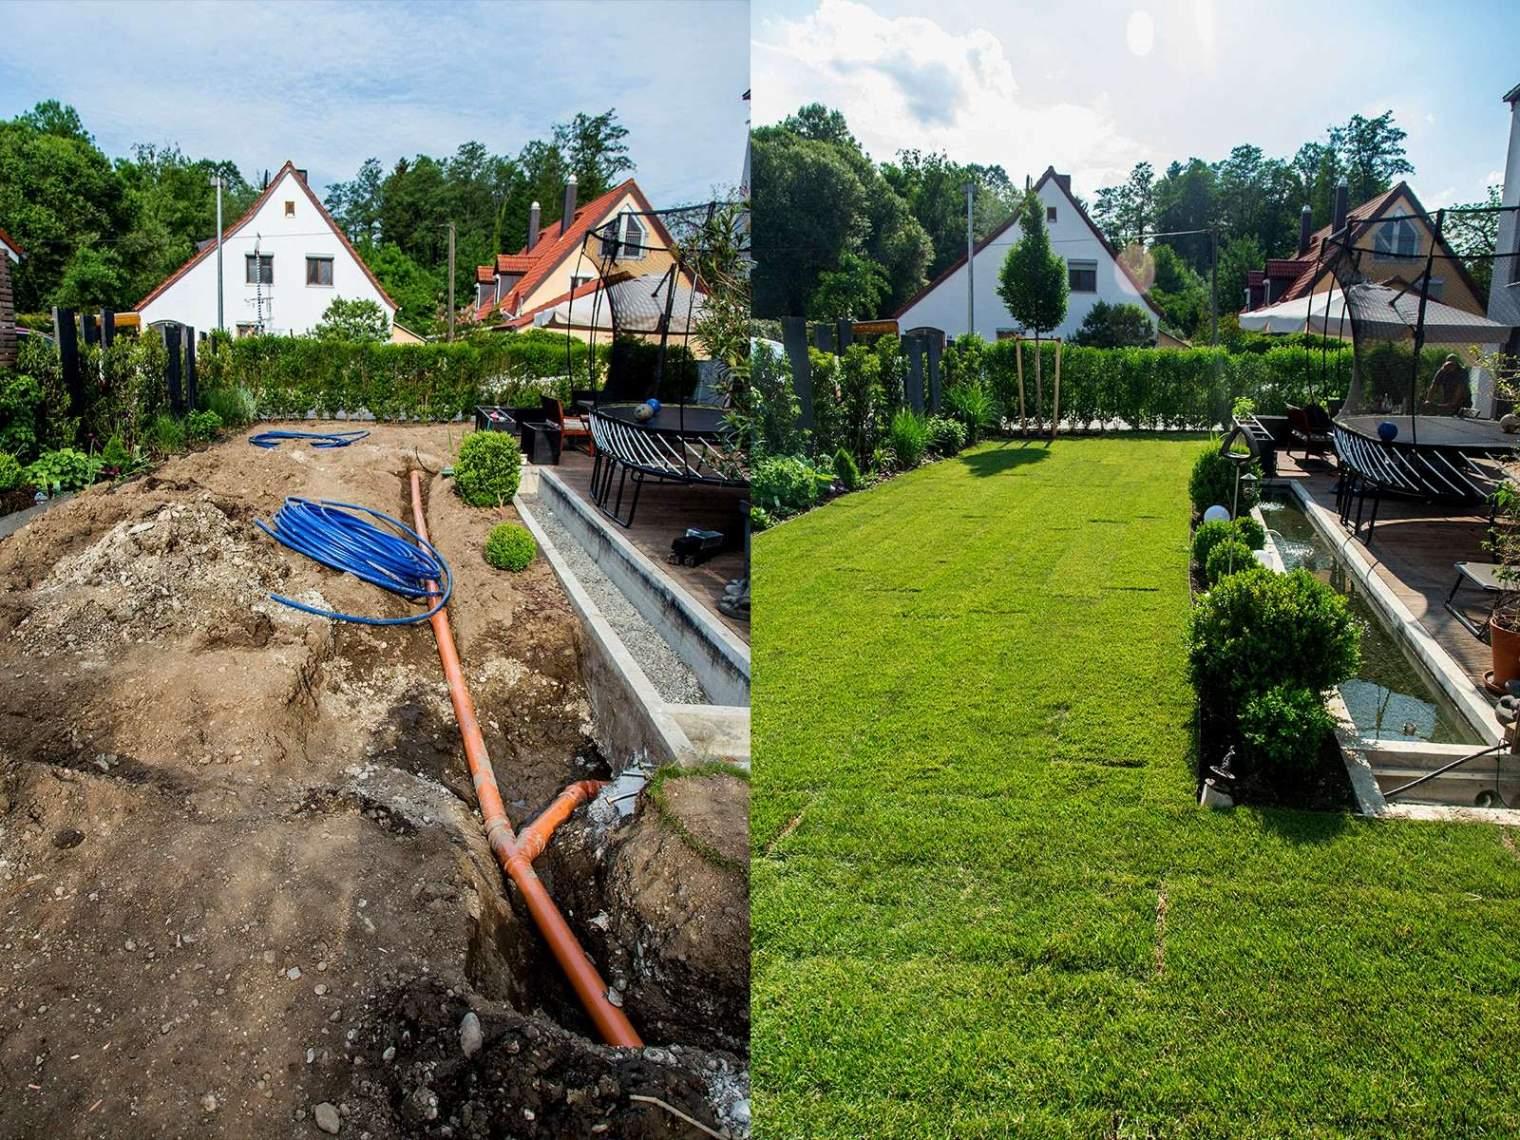 Bewässerungssysteme Garten Selber Bauen Luxus Küche Mit Integriertem Sitzplatz — Temobardz Home Blog